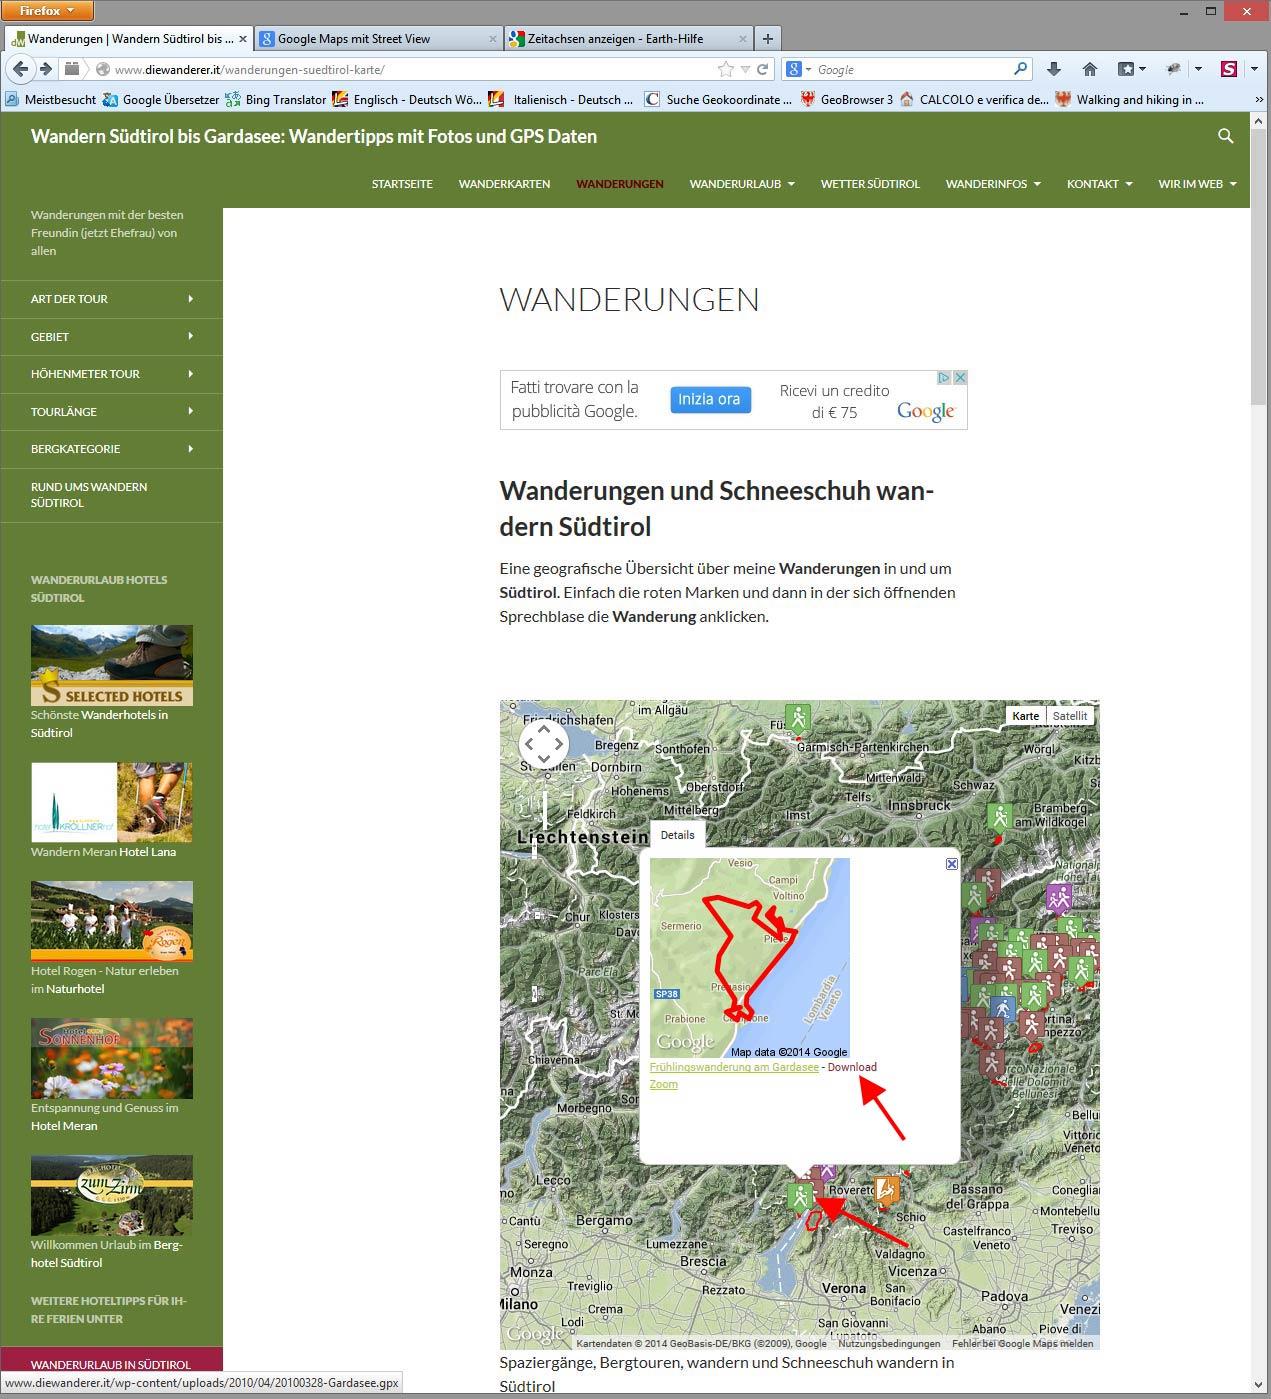 Wandertipps mit GPS Daten auf diewanderer.it